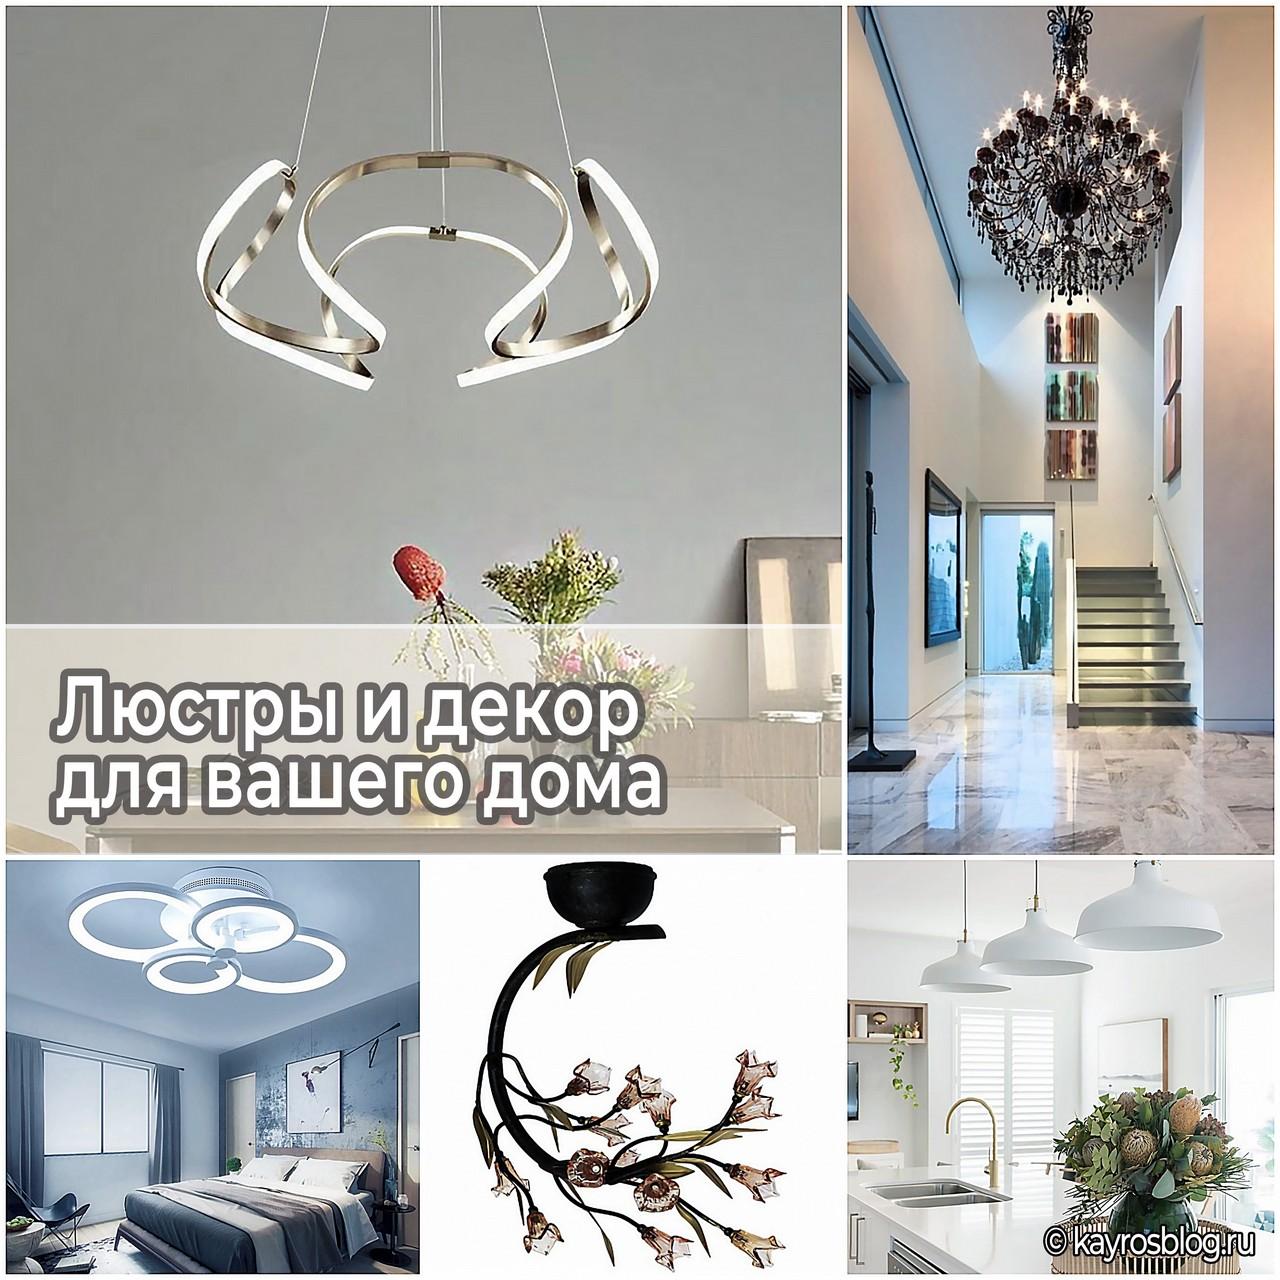 Люстры и декор для вашего дома